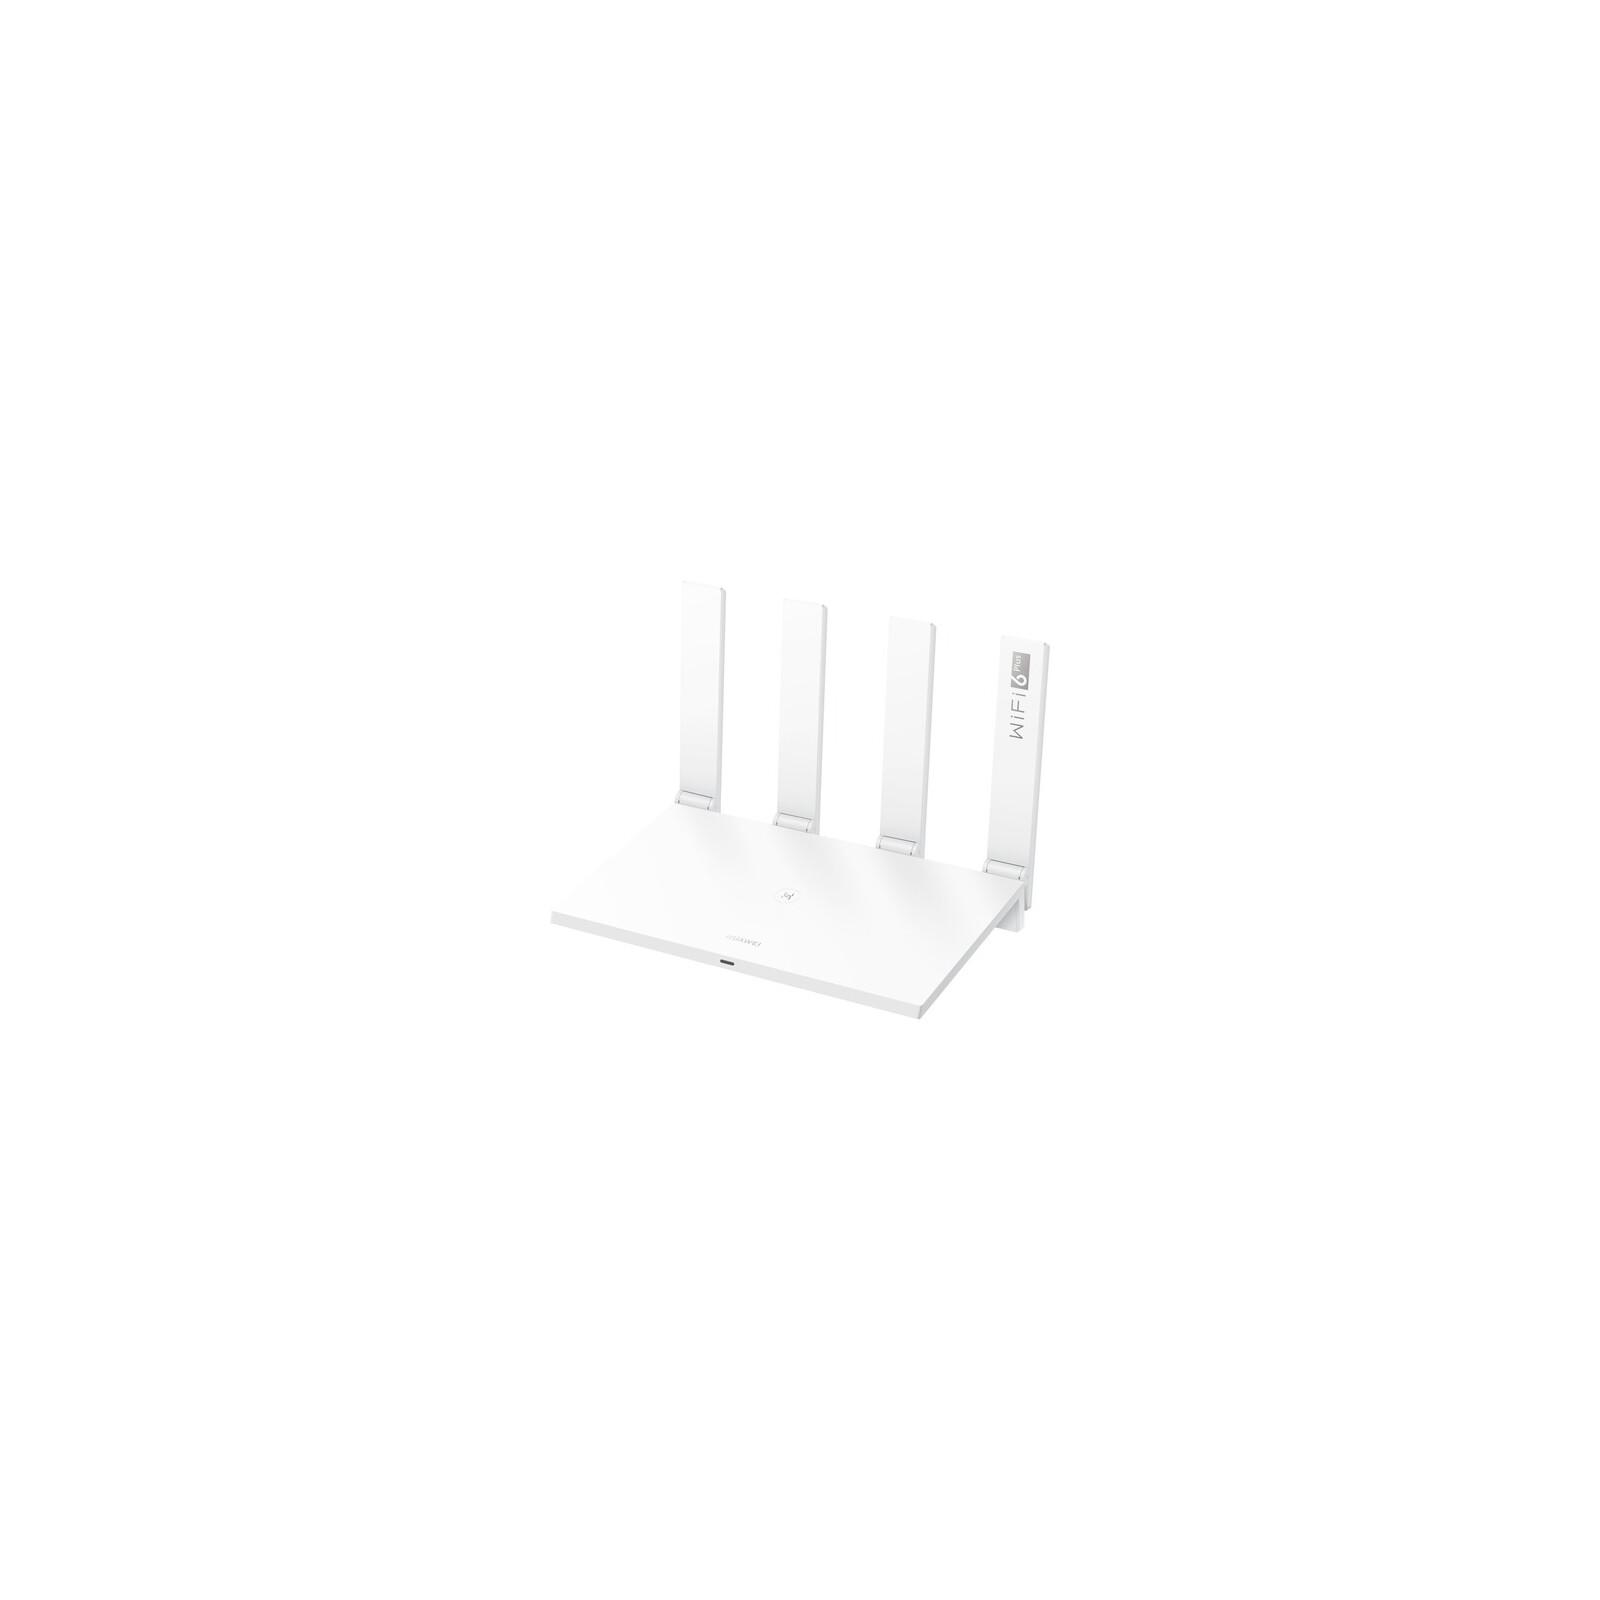 Huawei AX3 WS7100-20 White